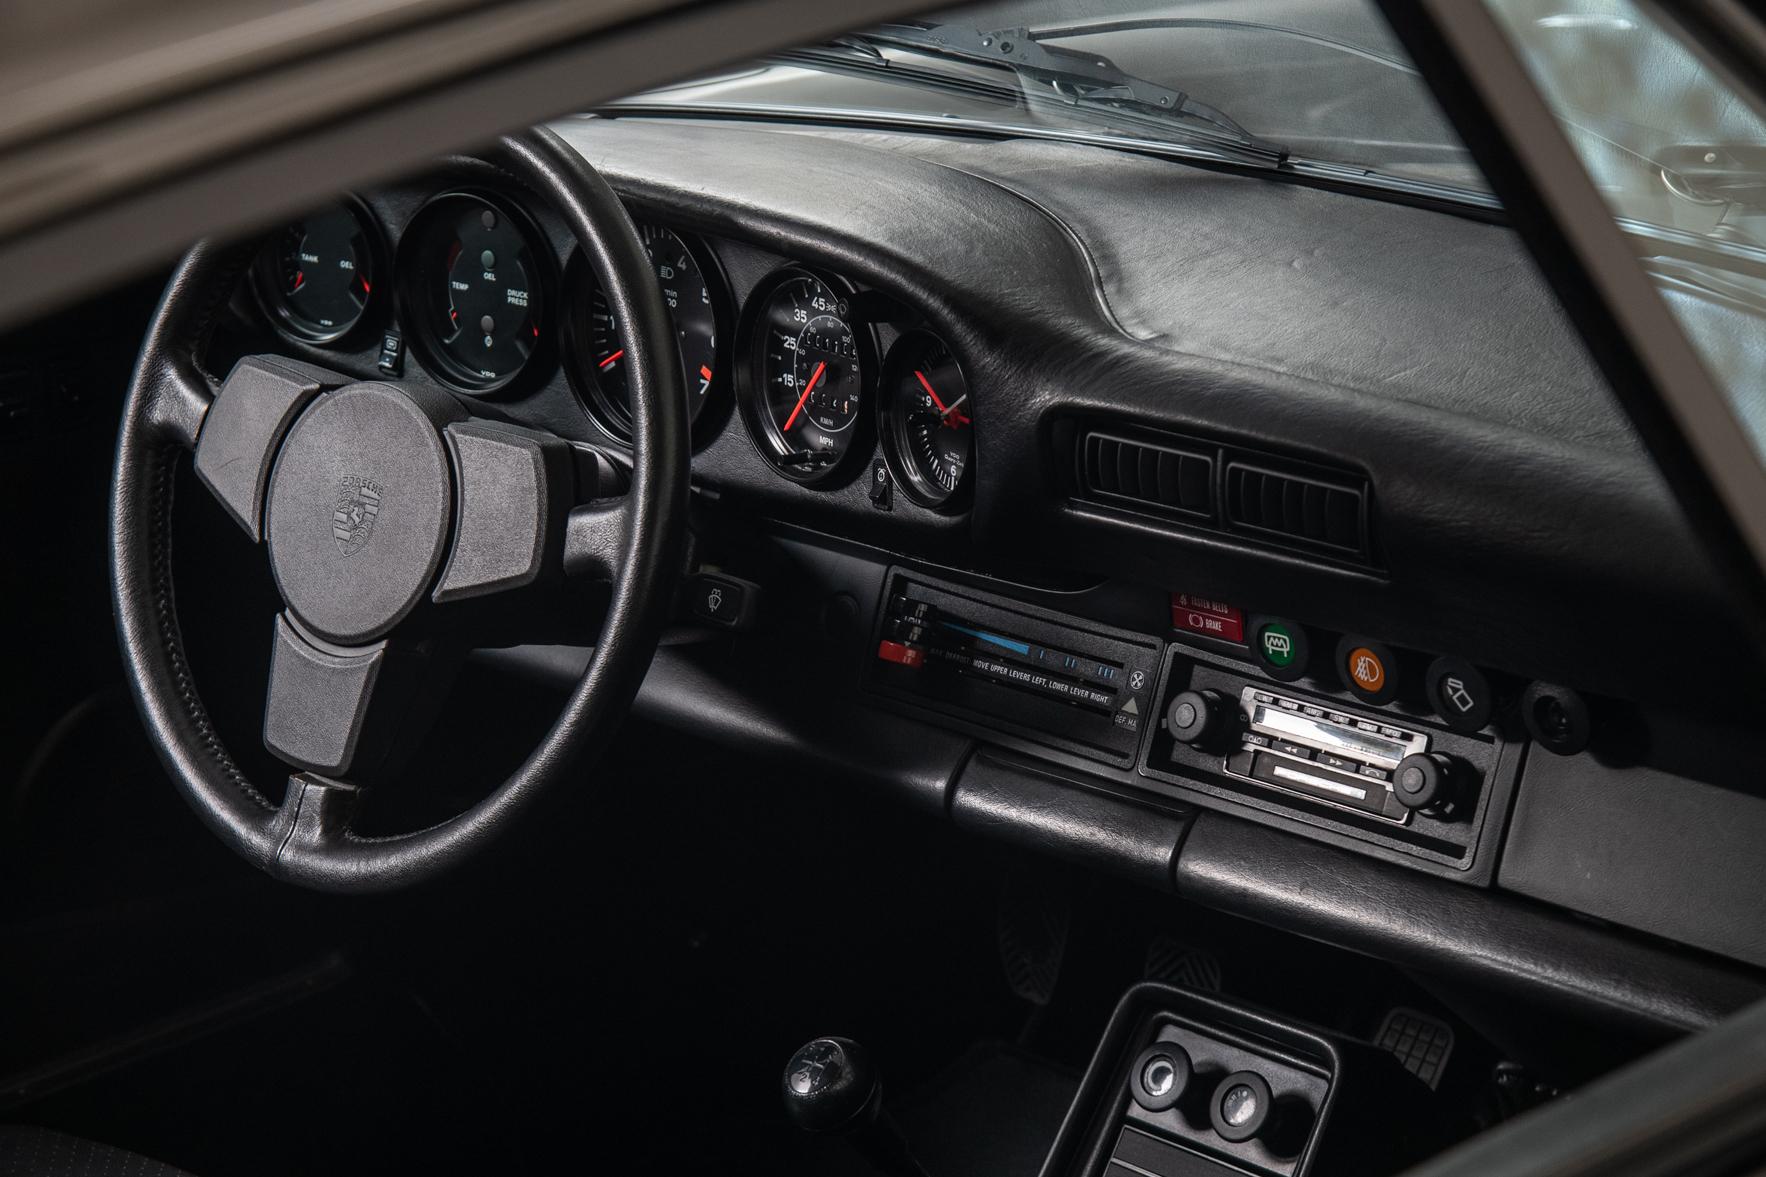 1979 Porsche 930 Turbo , ANTHRACITE GRAY METALLIC, VIN 9309800960, MILEAGE 1743